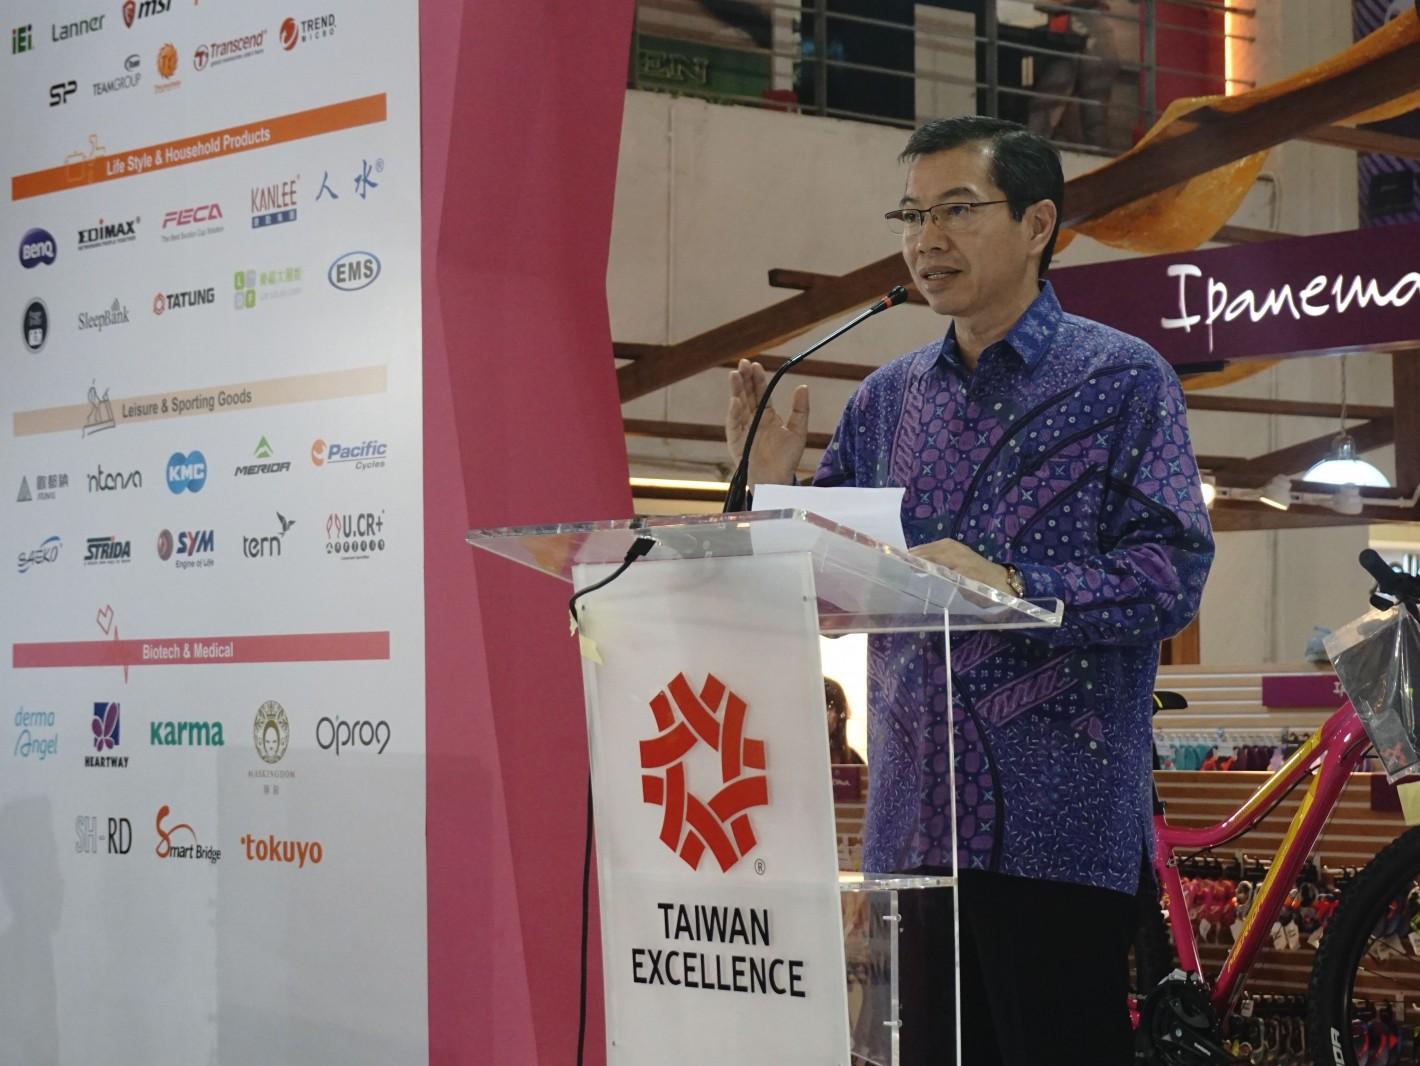 印尼泗水代表處代表蕭勝中於印尼峇里島購物中心體驗活動致詞